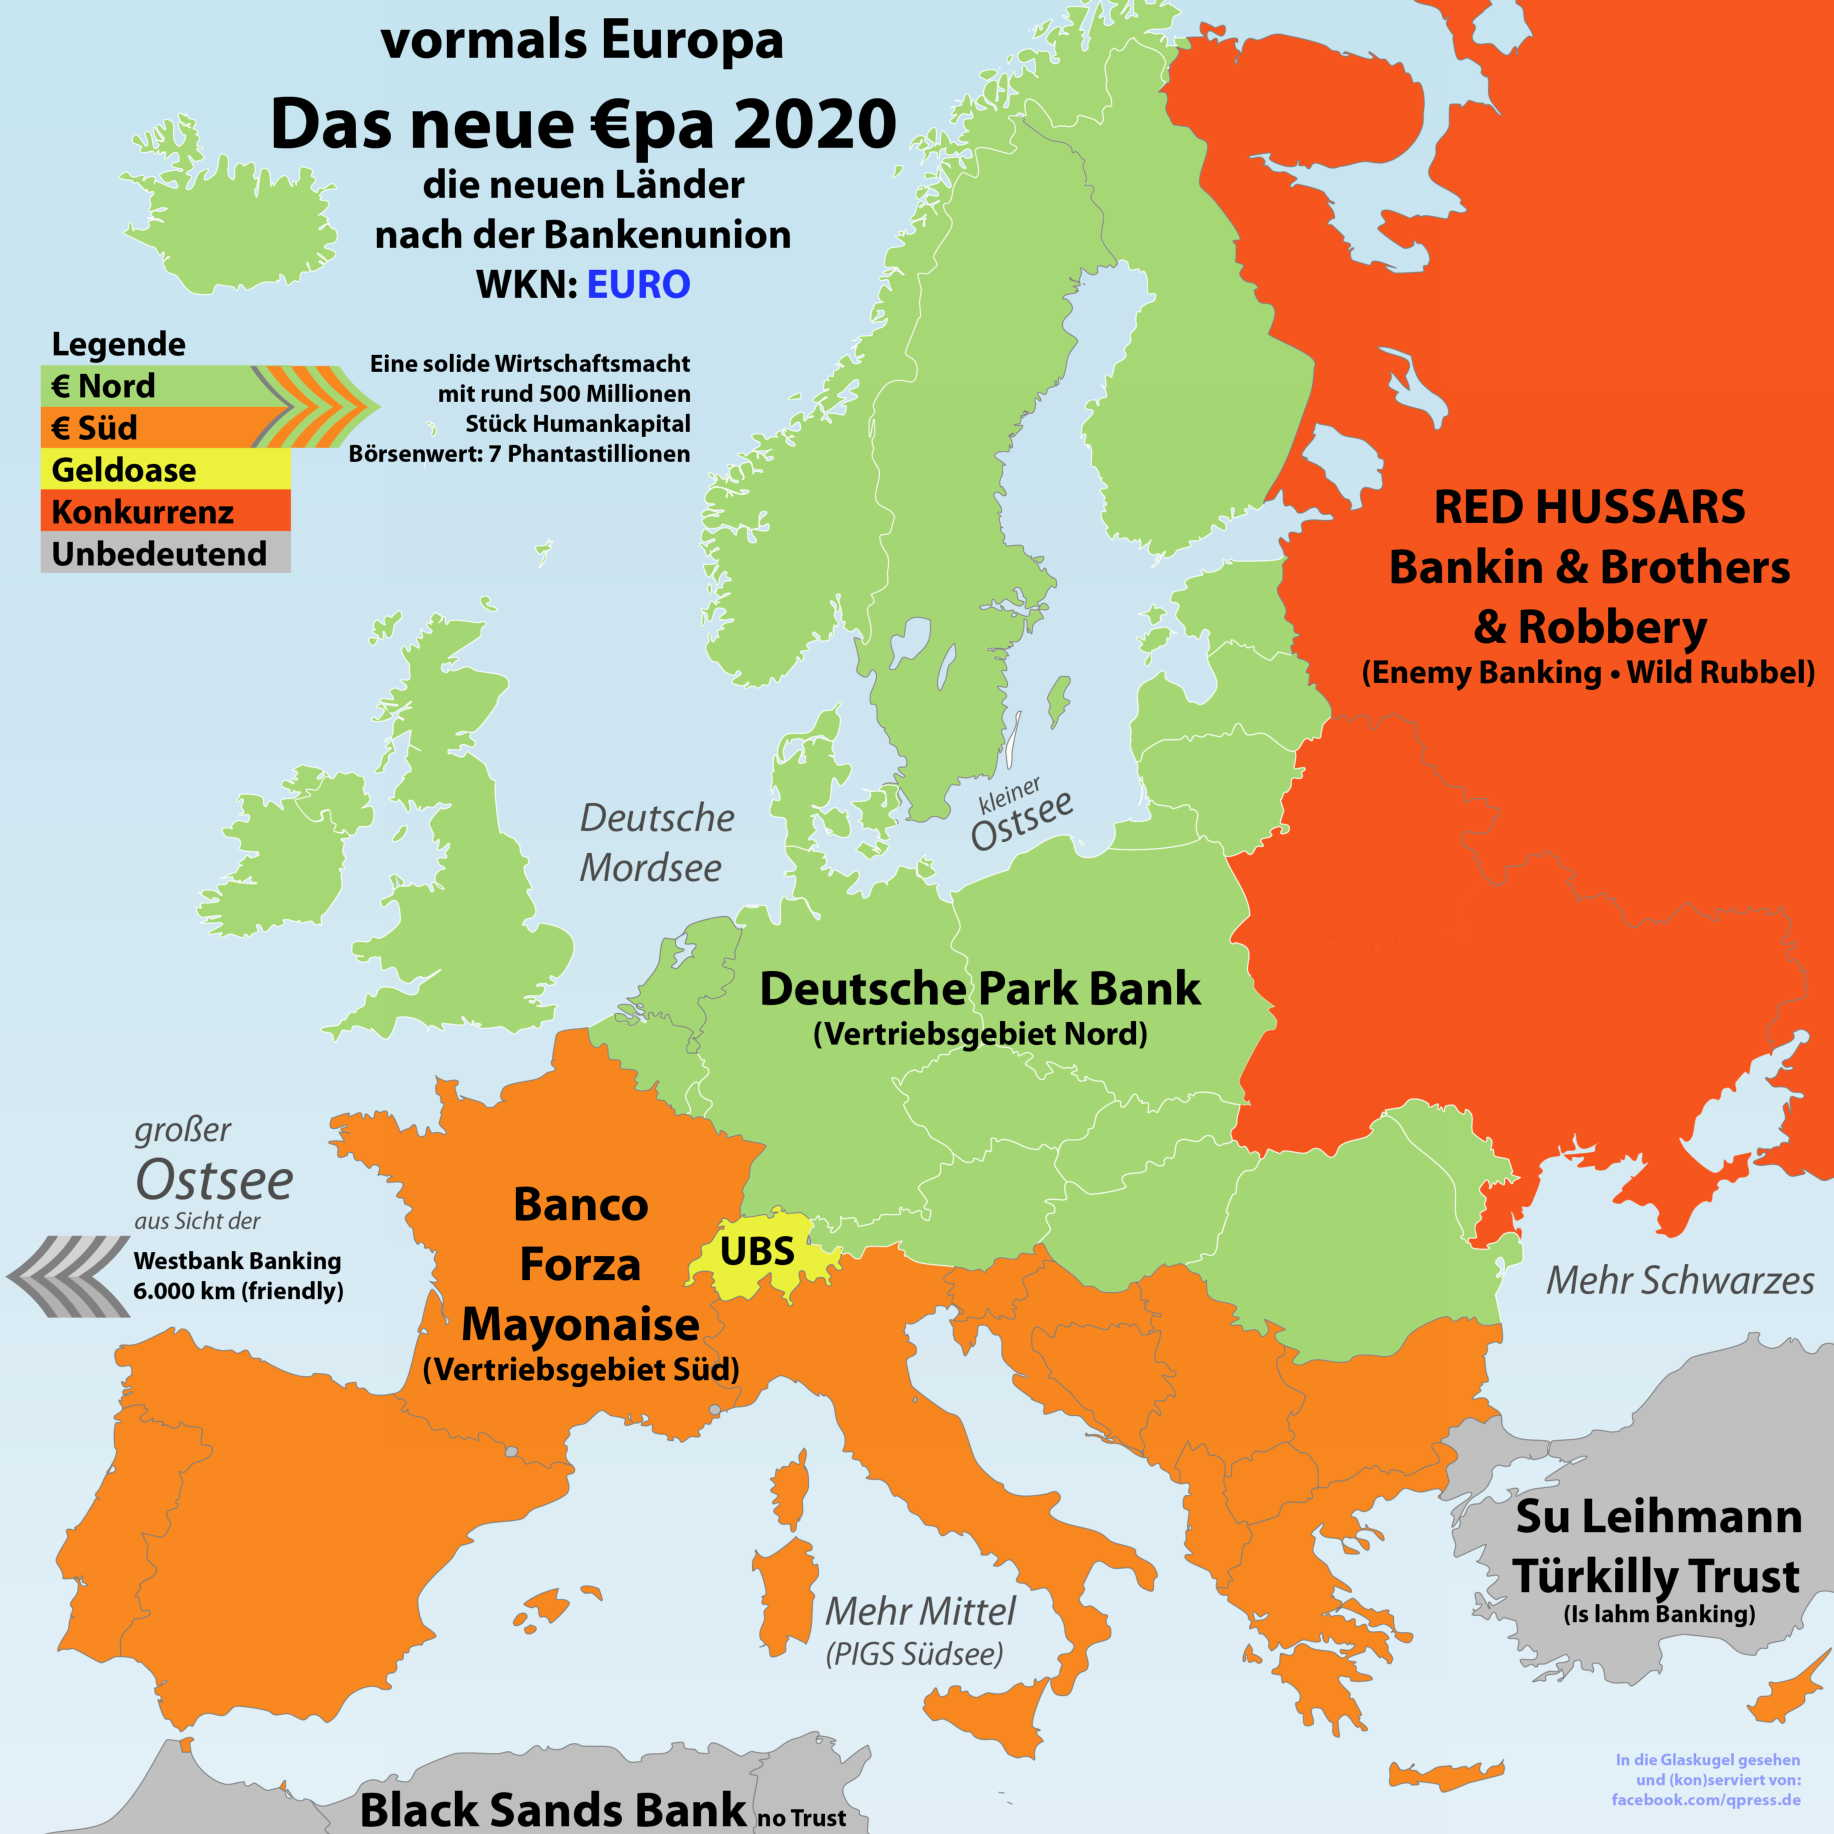 Europa nach dem großen Geldkrieg in den Grenzen von 2020